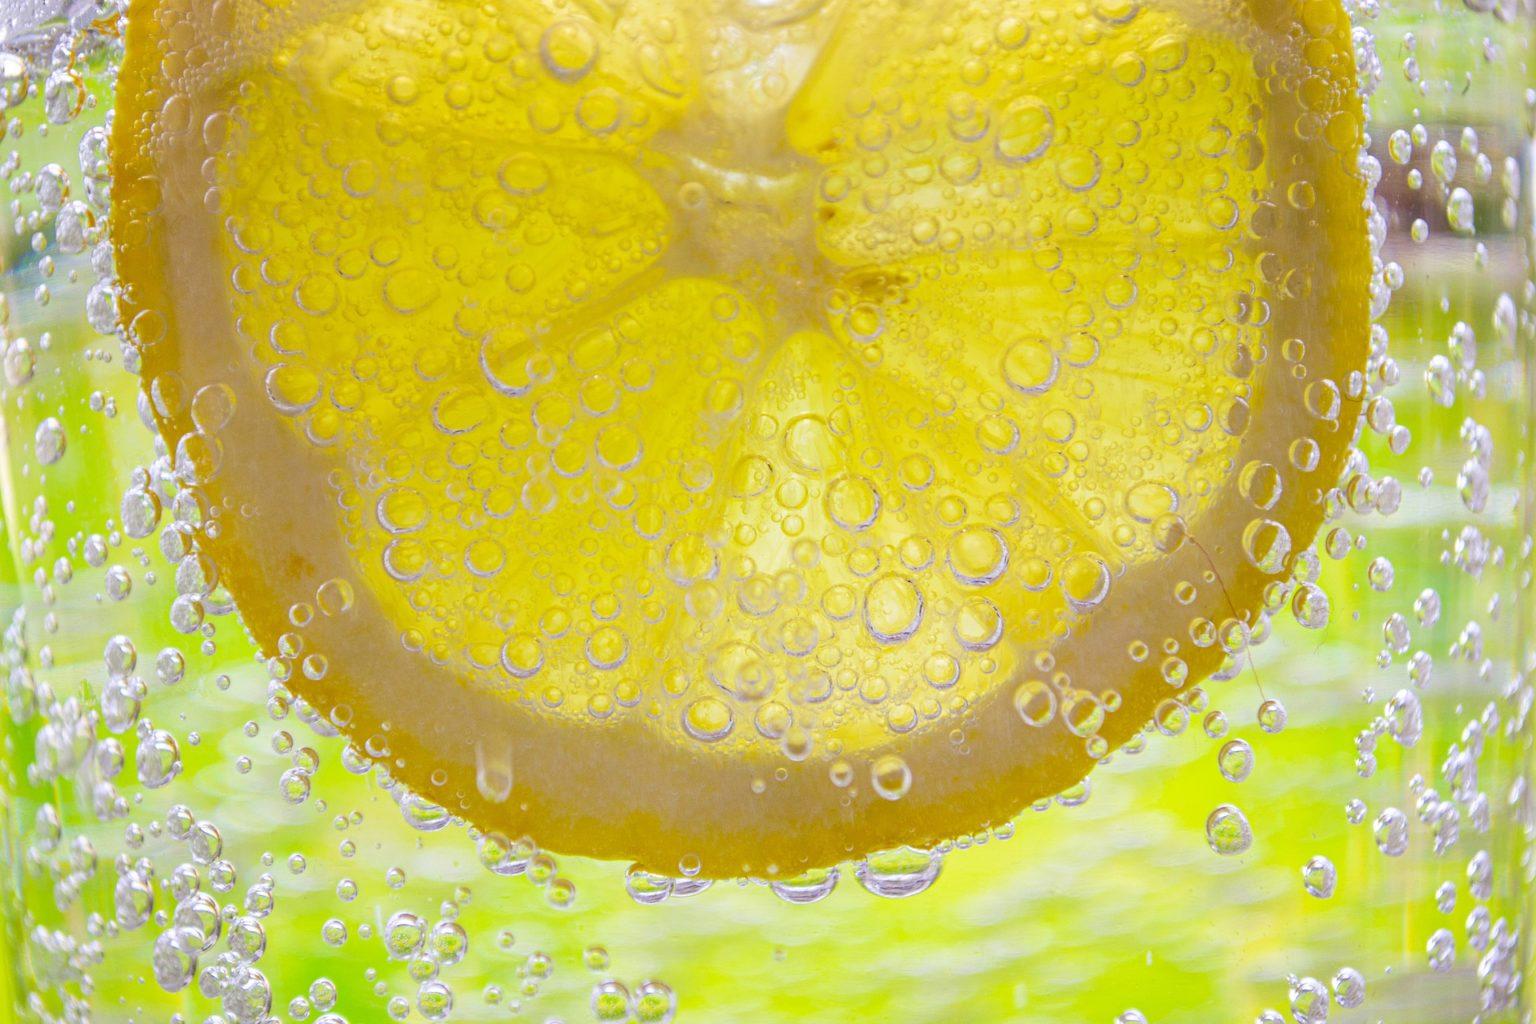 レモンサワーをオシャレに飲もう!インスタ映え間違いなしのアレンジレシピ